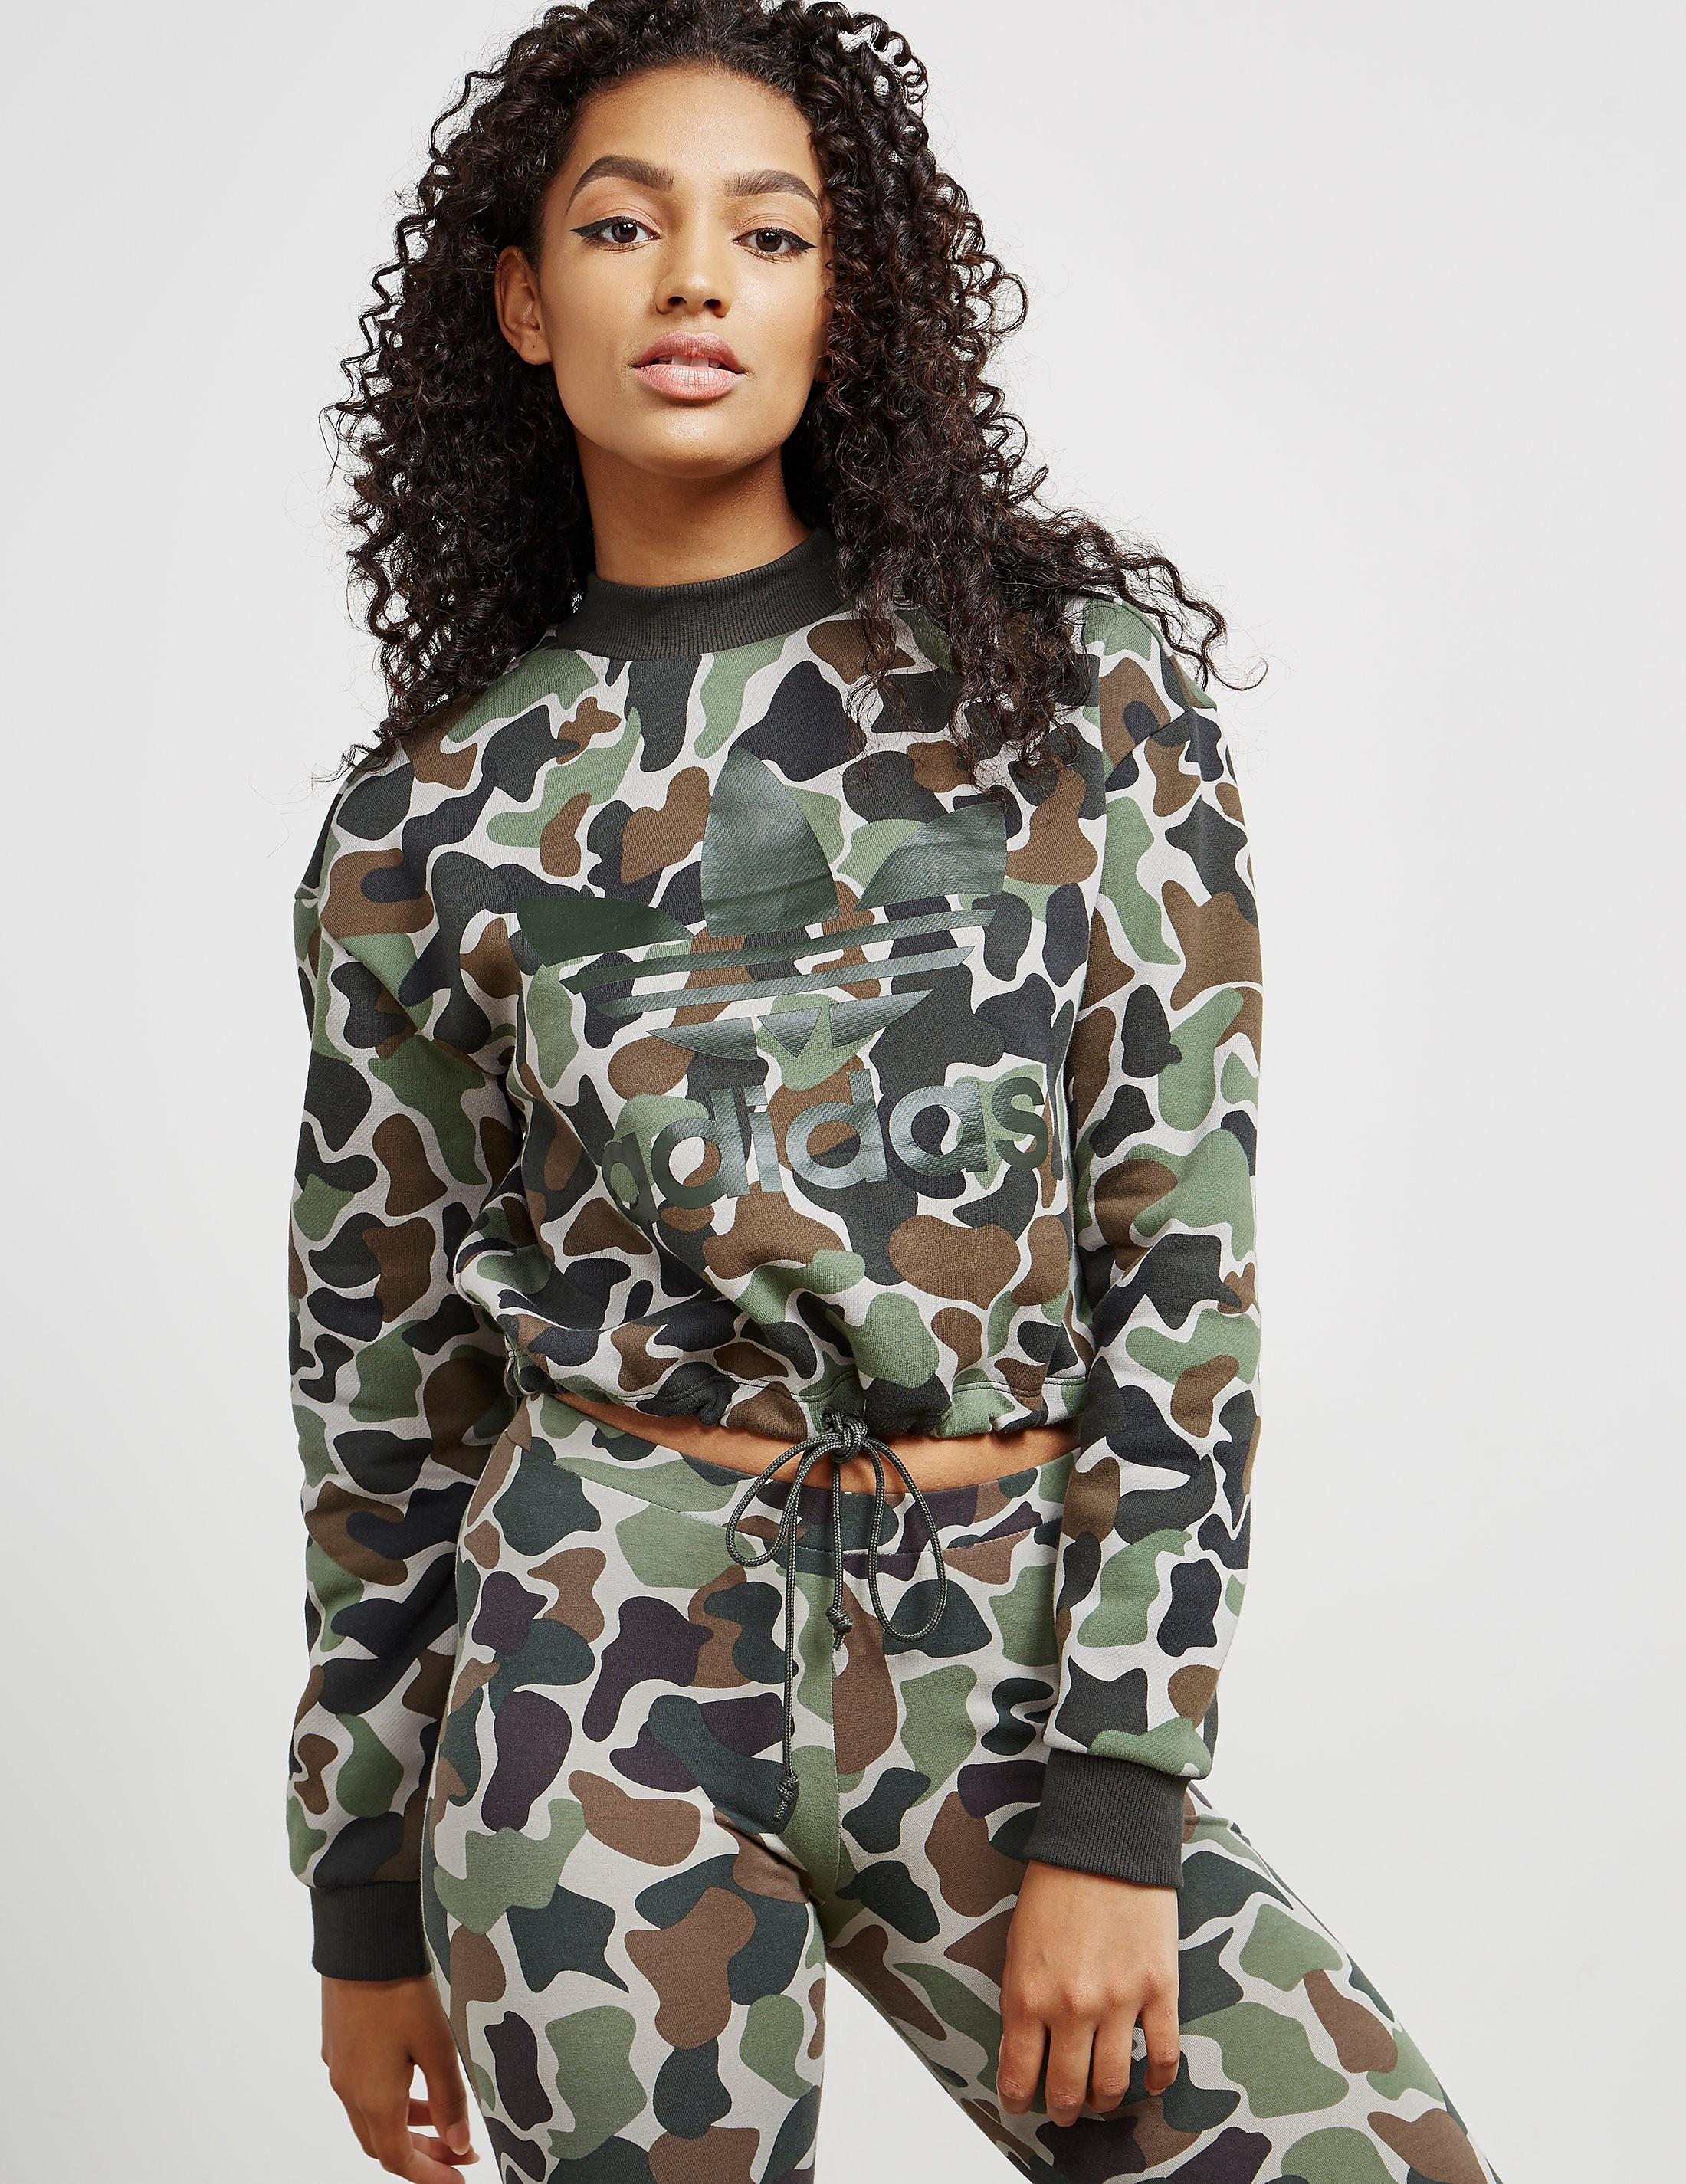 adidas Originals Camouflage Crop Top